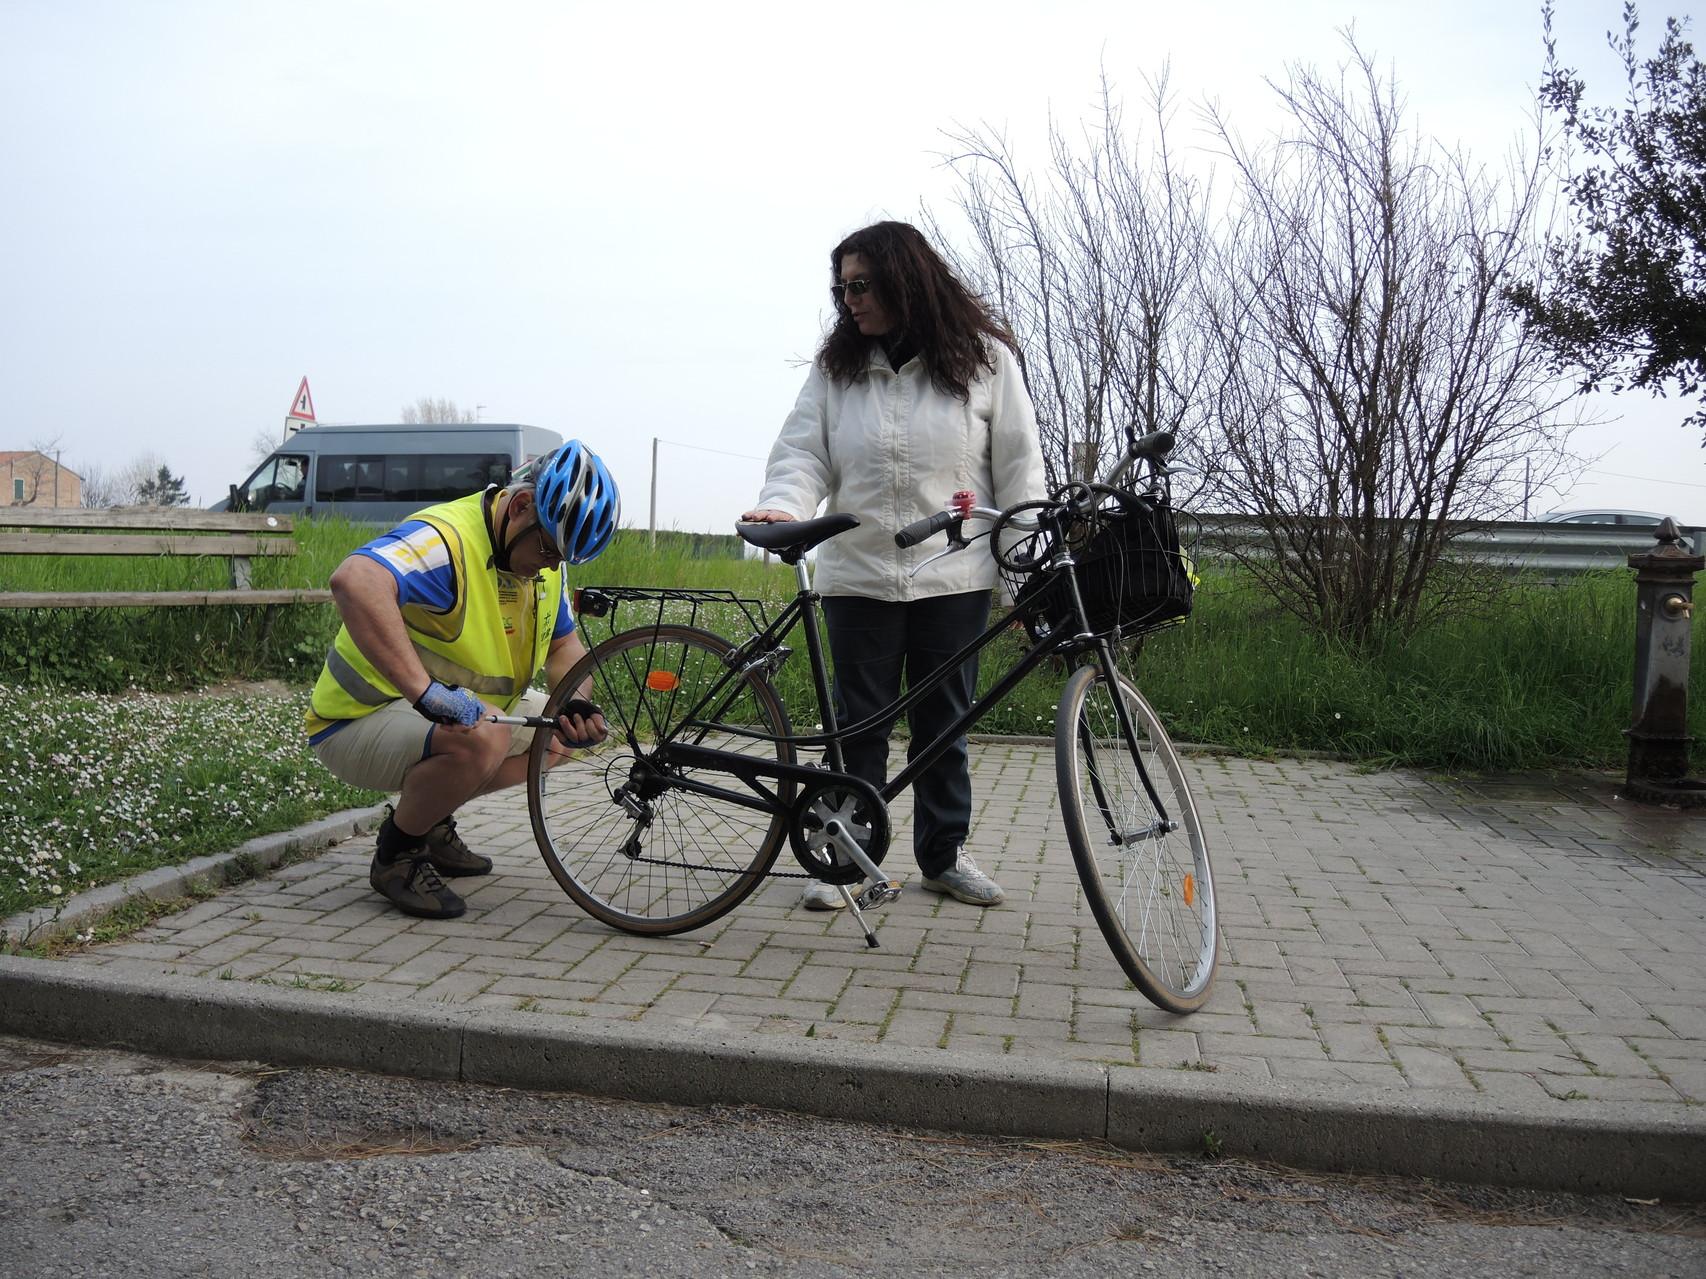 Ecco cosa succede a non avere con sé l'attrezzatura per riparare una foratura, per di più la bici non ha lo sgancio rapido sul mozzo, quindi serve una chiave apposita. Anche in presenza di una camera d'aria offerta da qualcuno, non si rimedia